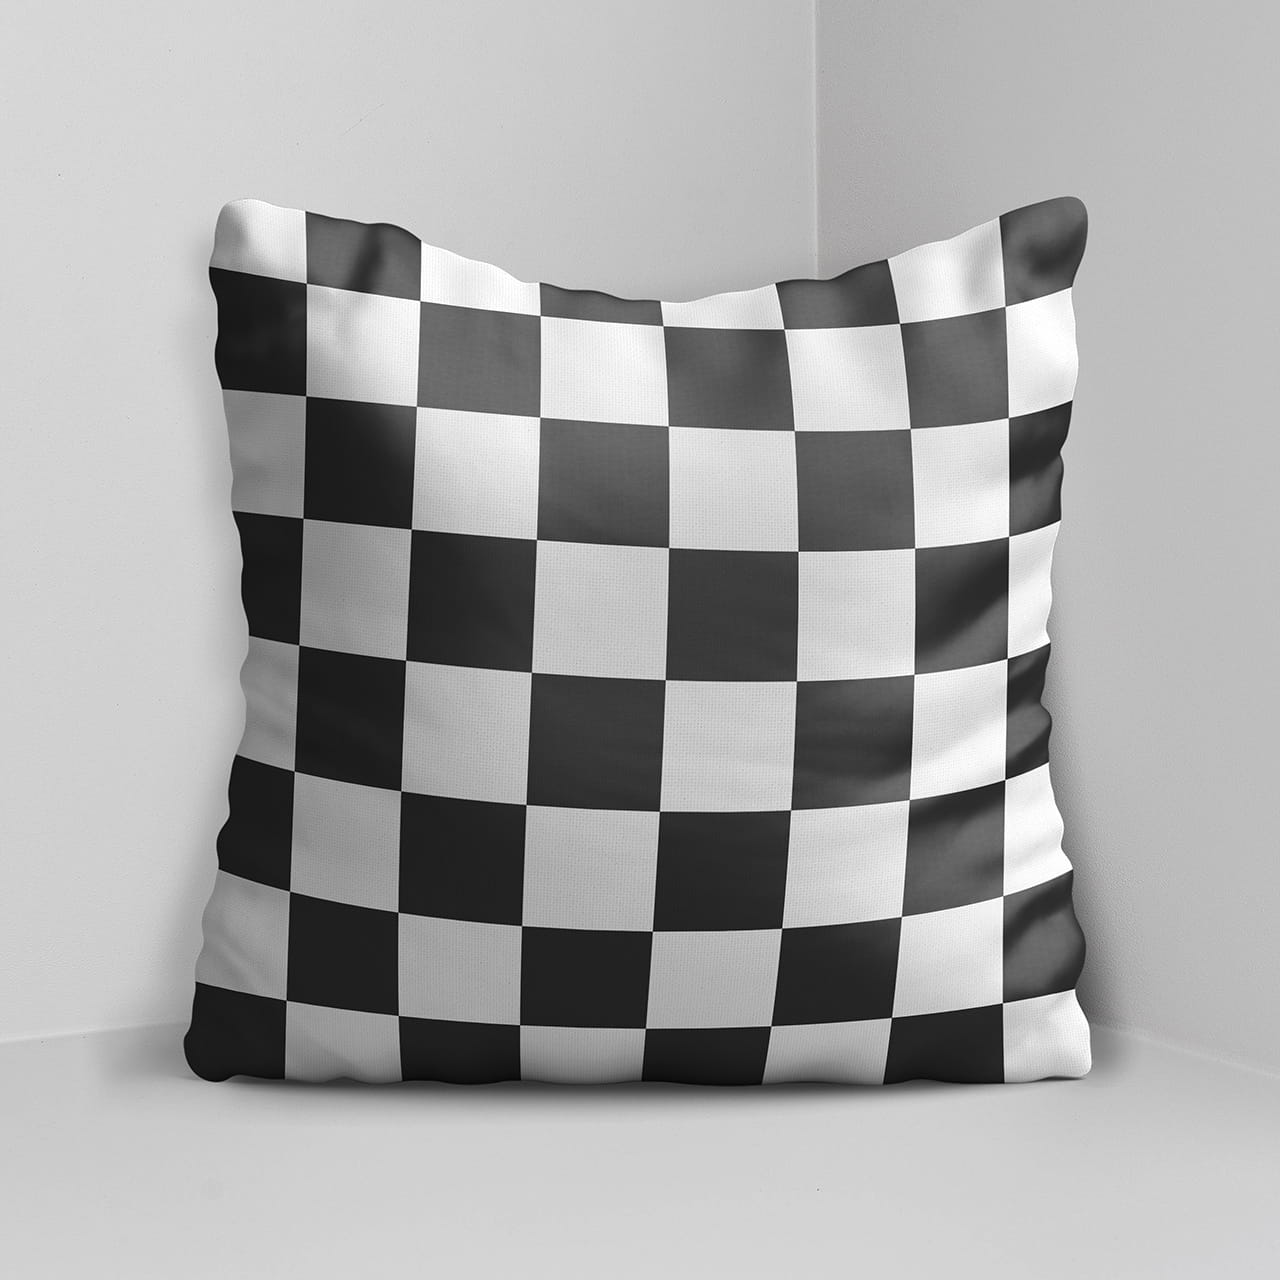 Poduszka to wygodny prezent dla szachisty